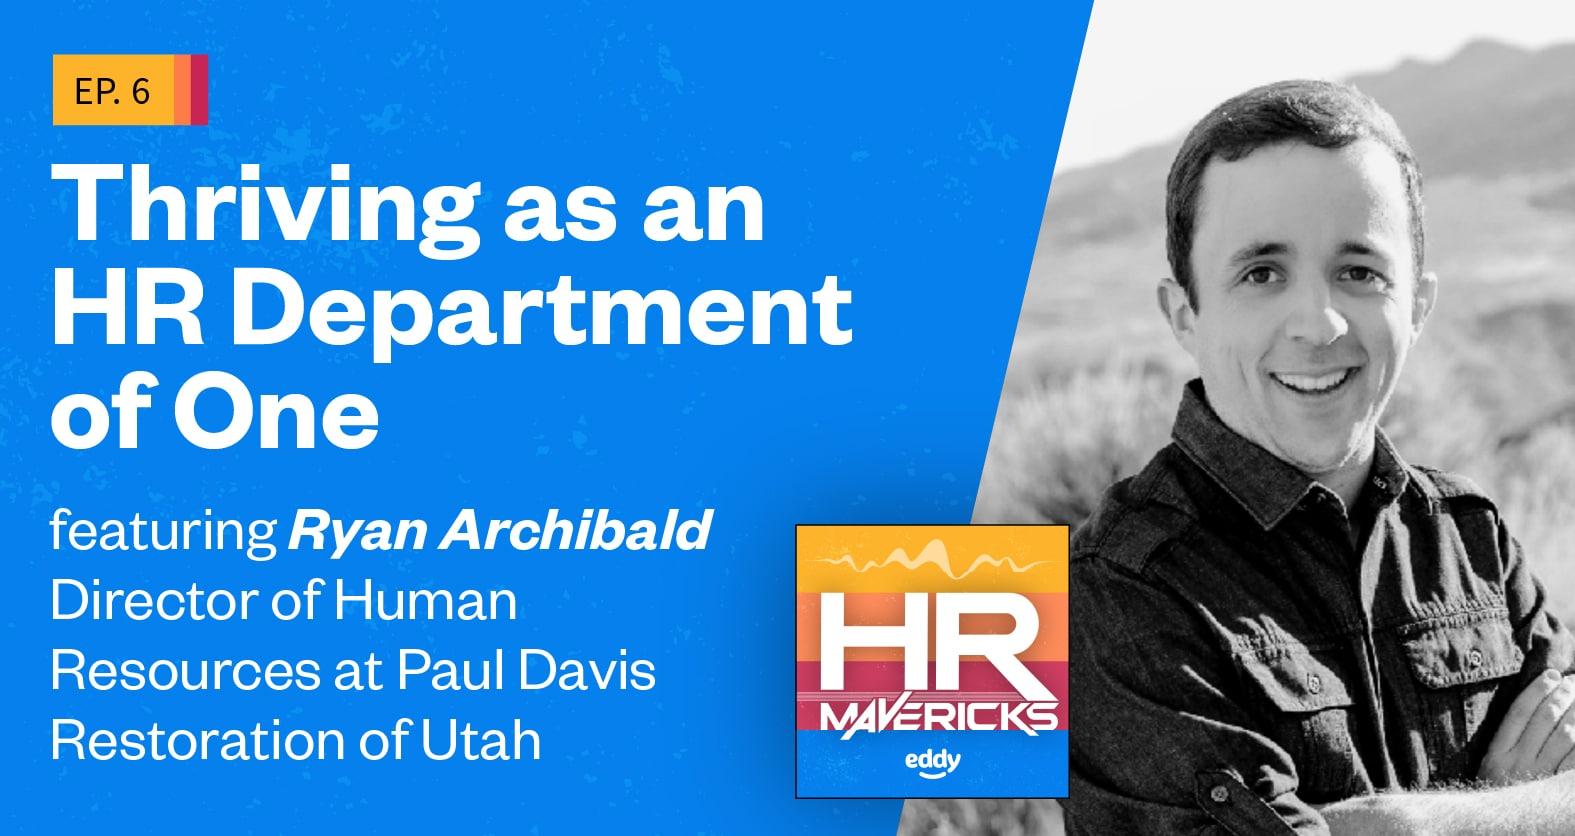 HR Mavericks Episode 6 - Ryan Archibald